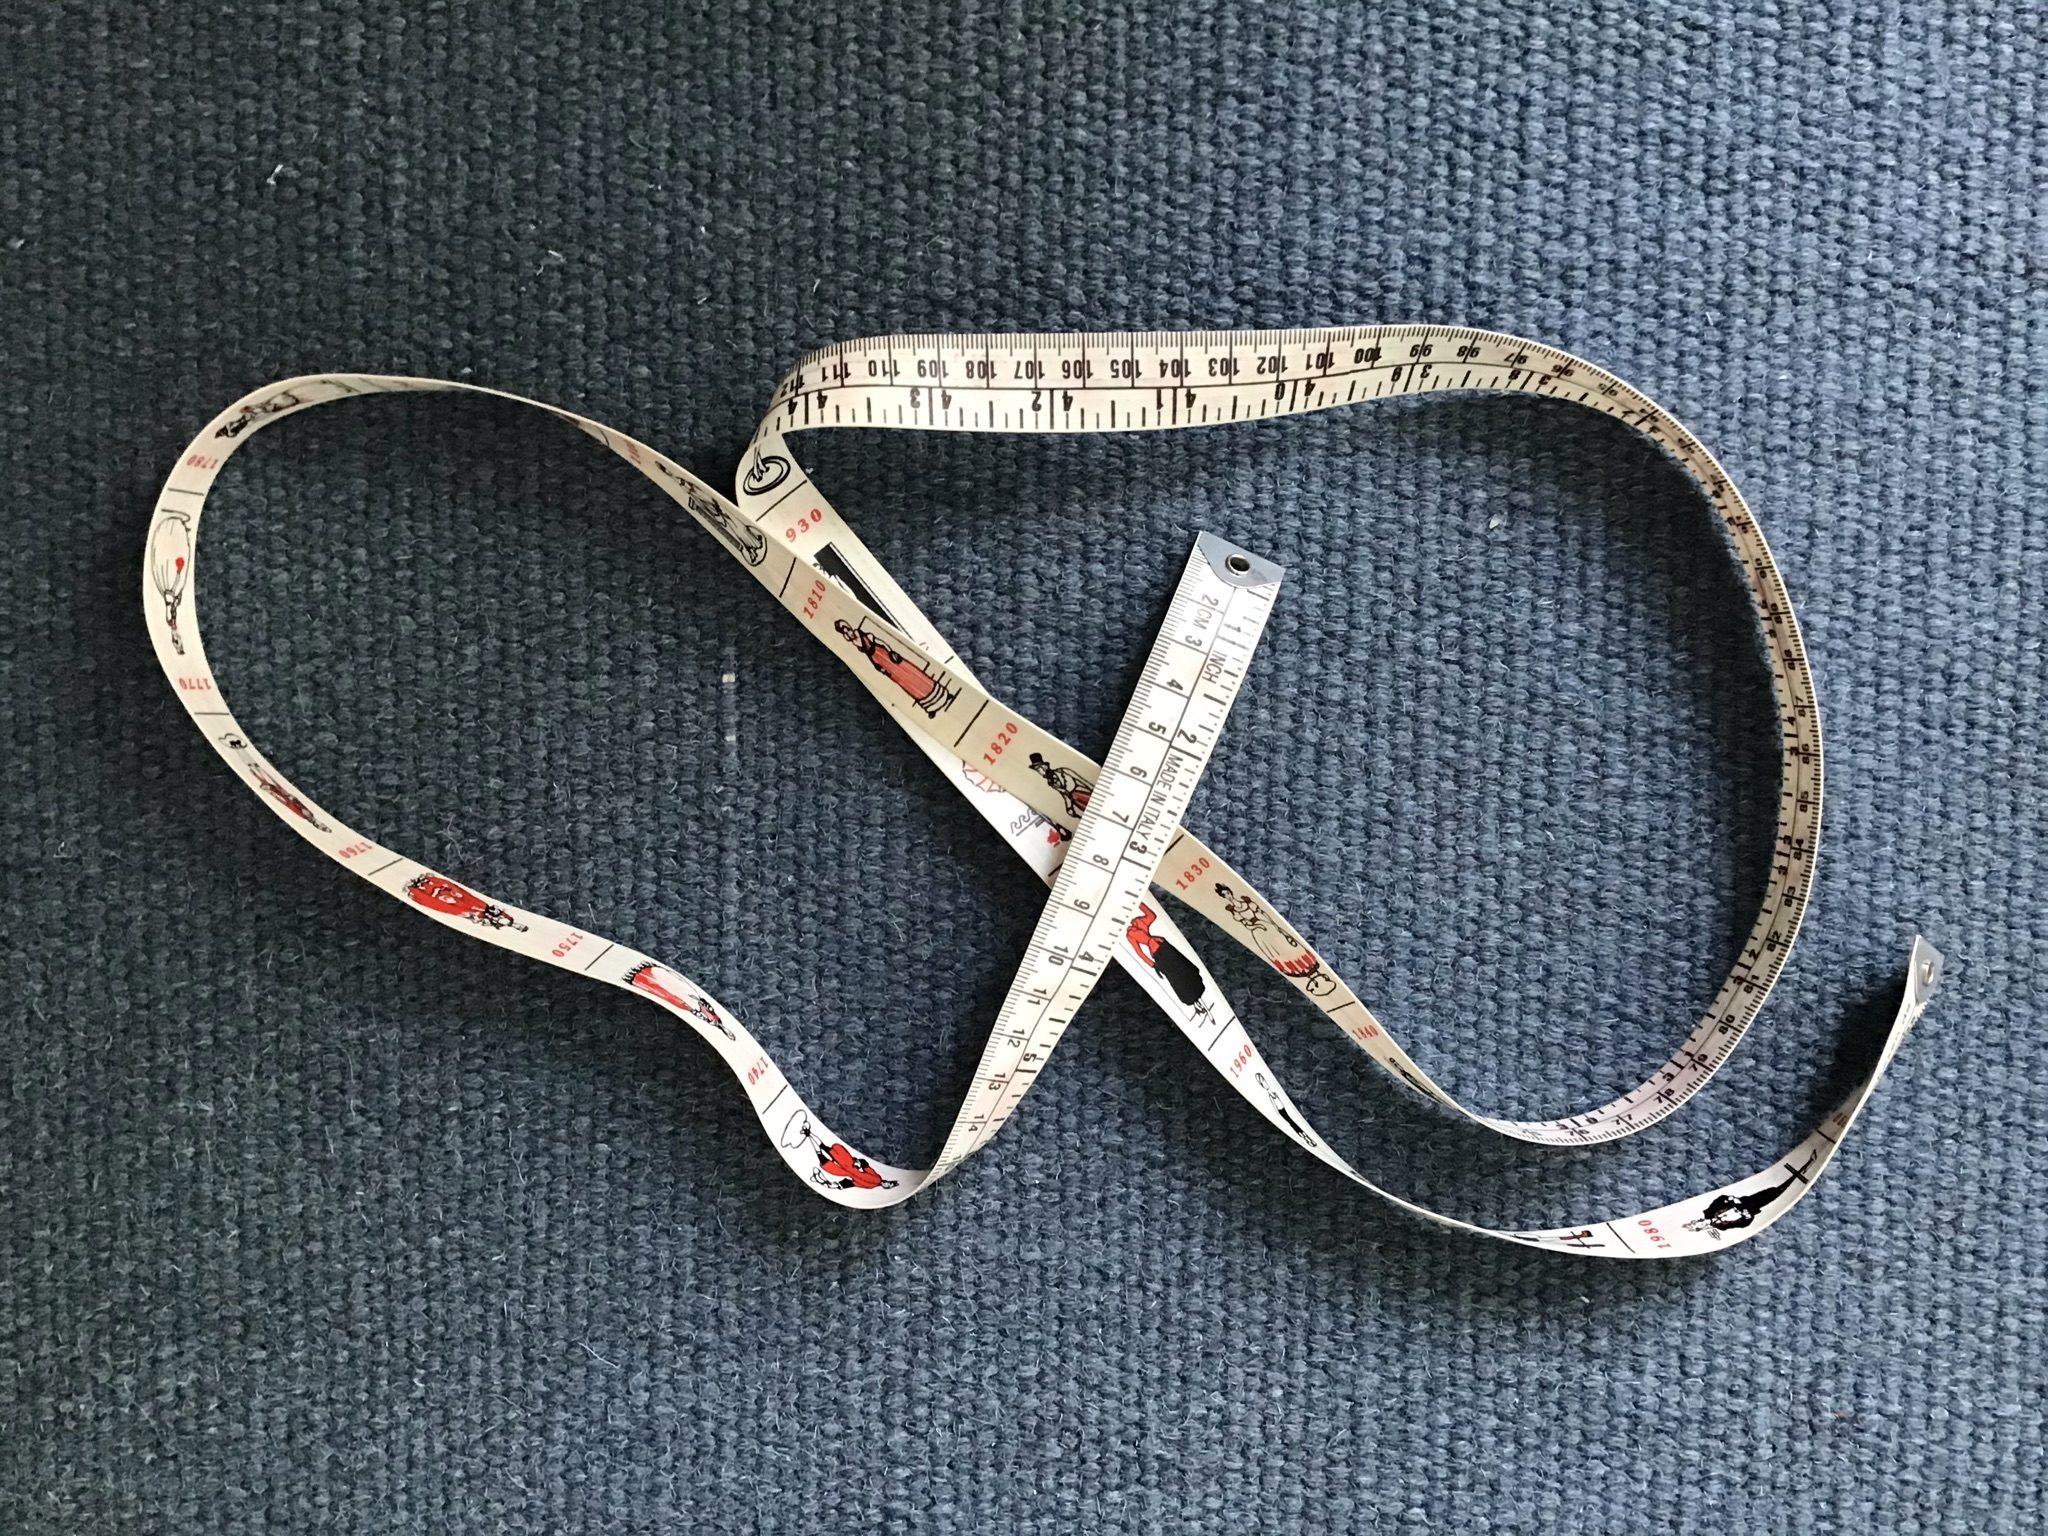 vartalon mittojen ottaminen mittanauha